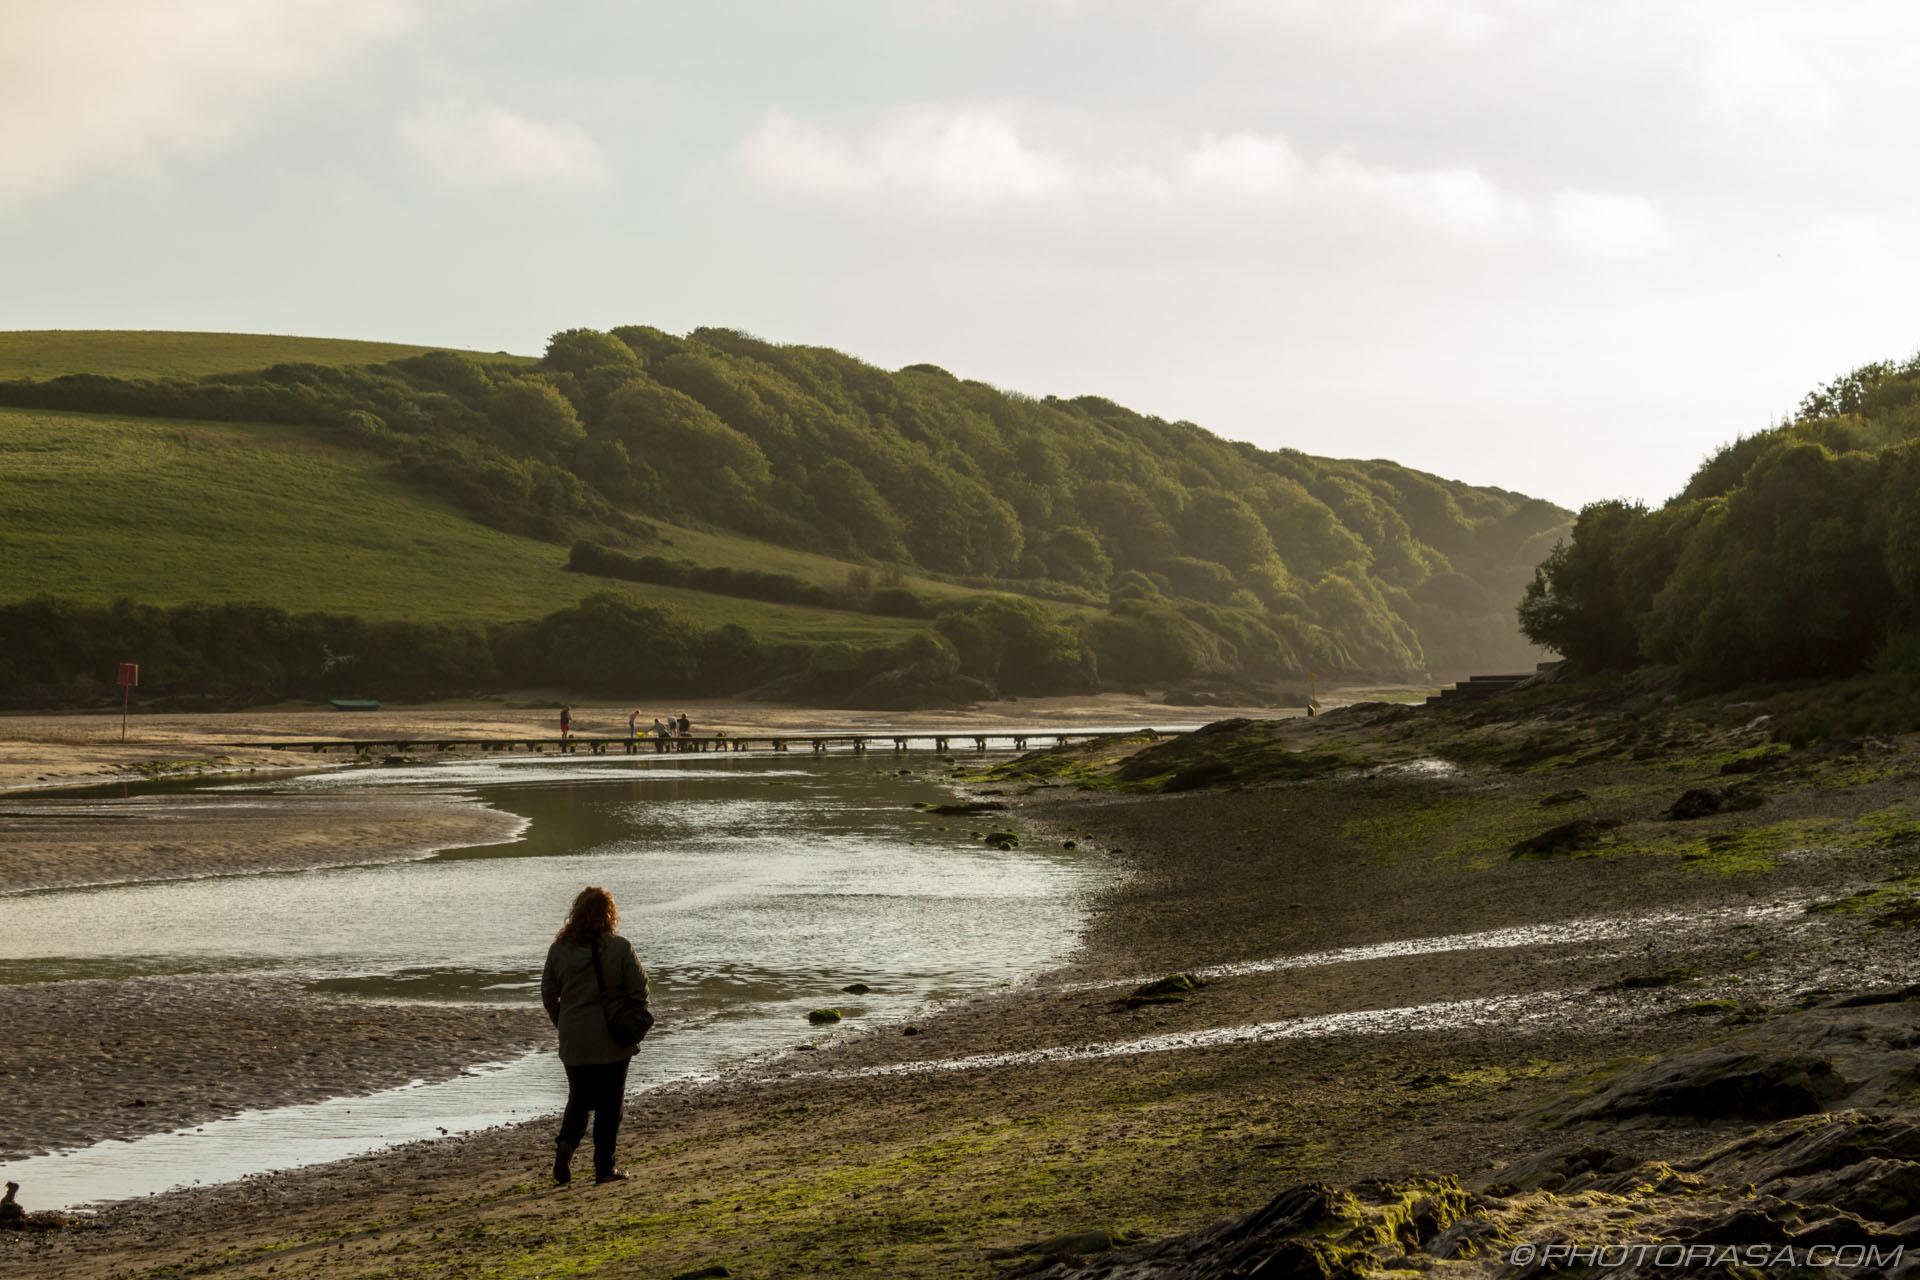 https://photorasa.com/newquay/newquay-estuary/